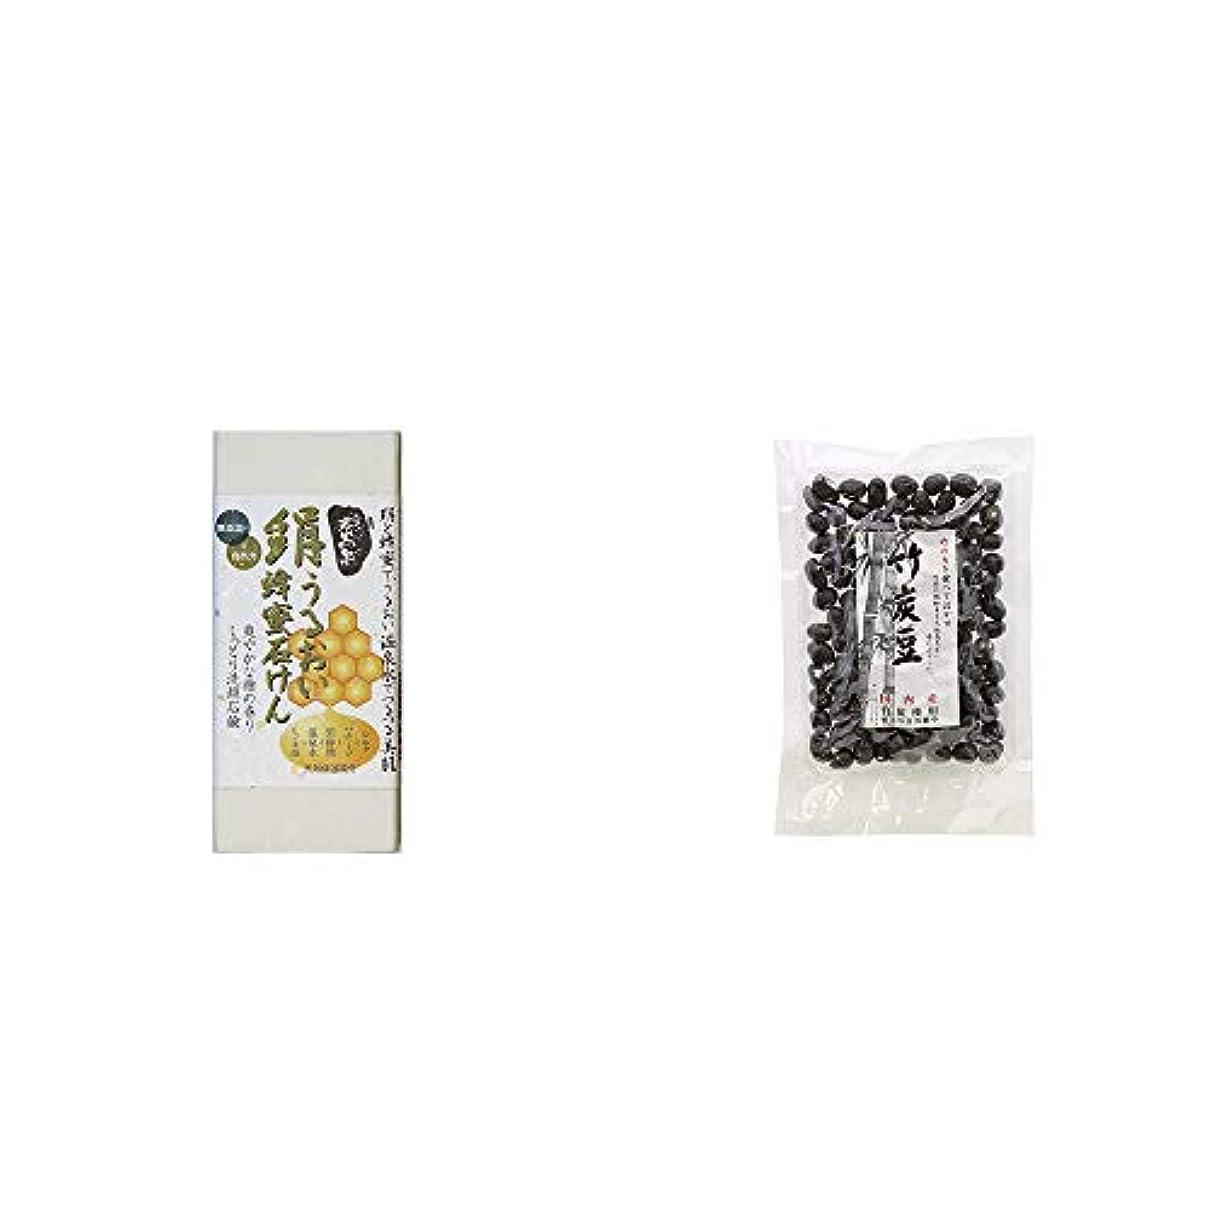 グリル決めます一過性[2点セット] ひのき炭黒泉 絹うるおい蜂蜜石けん(75g×2)?国内産 竹炭使用 竹炭豆(160g)